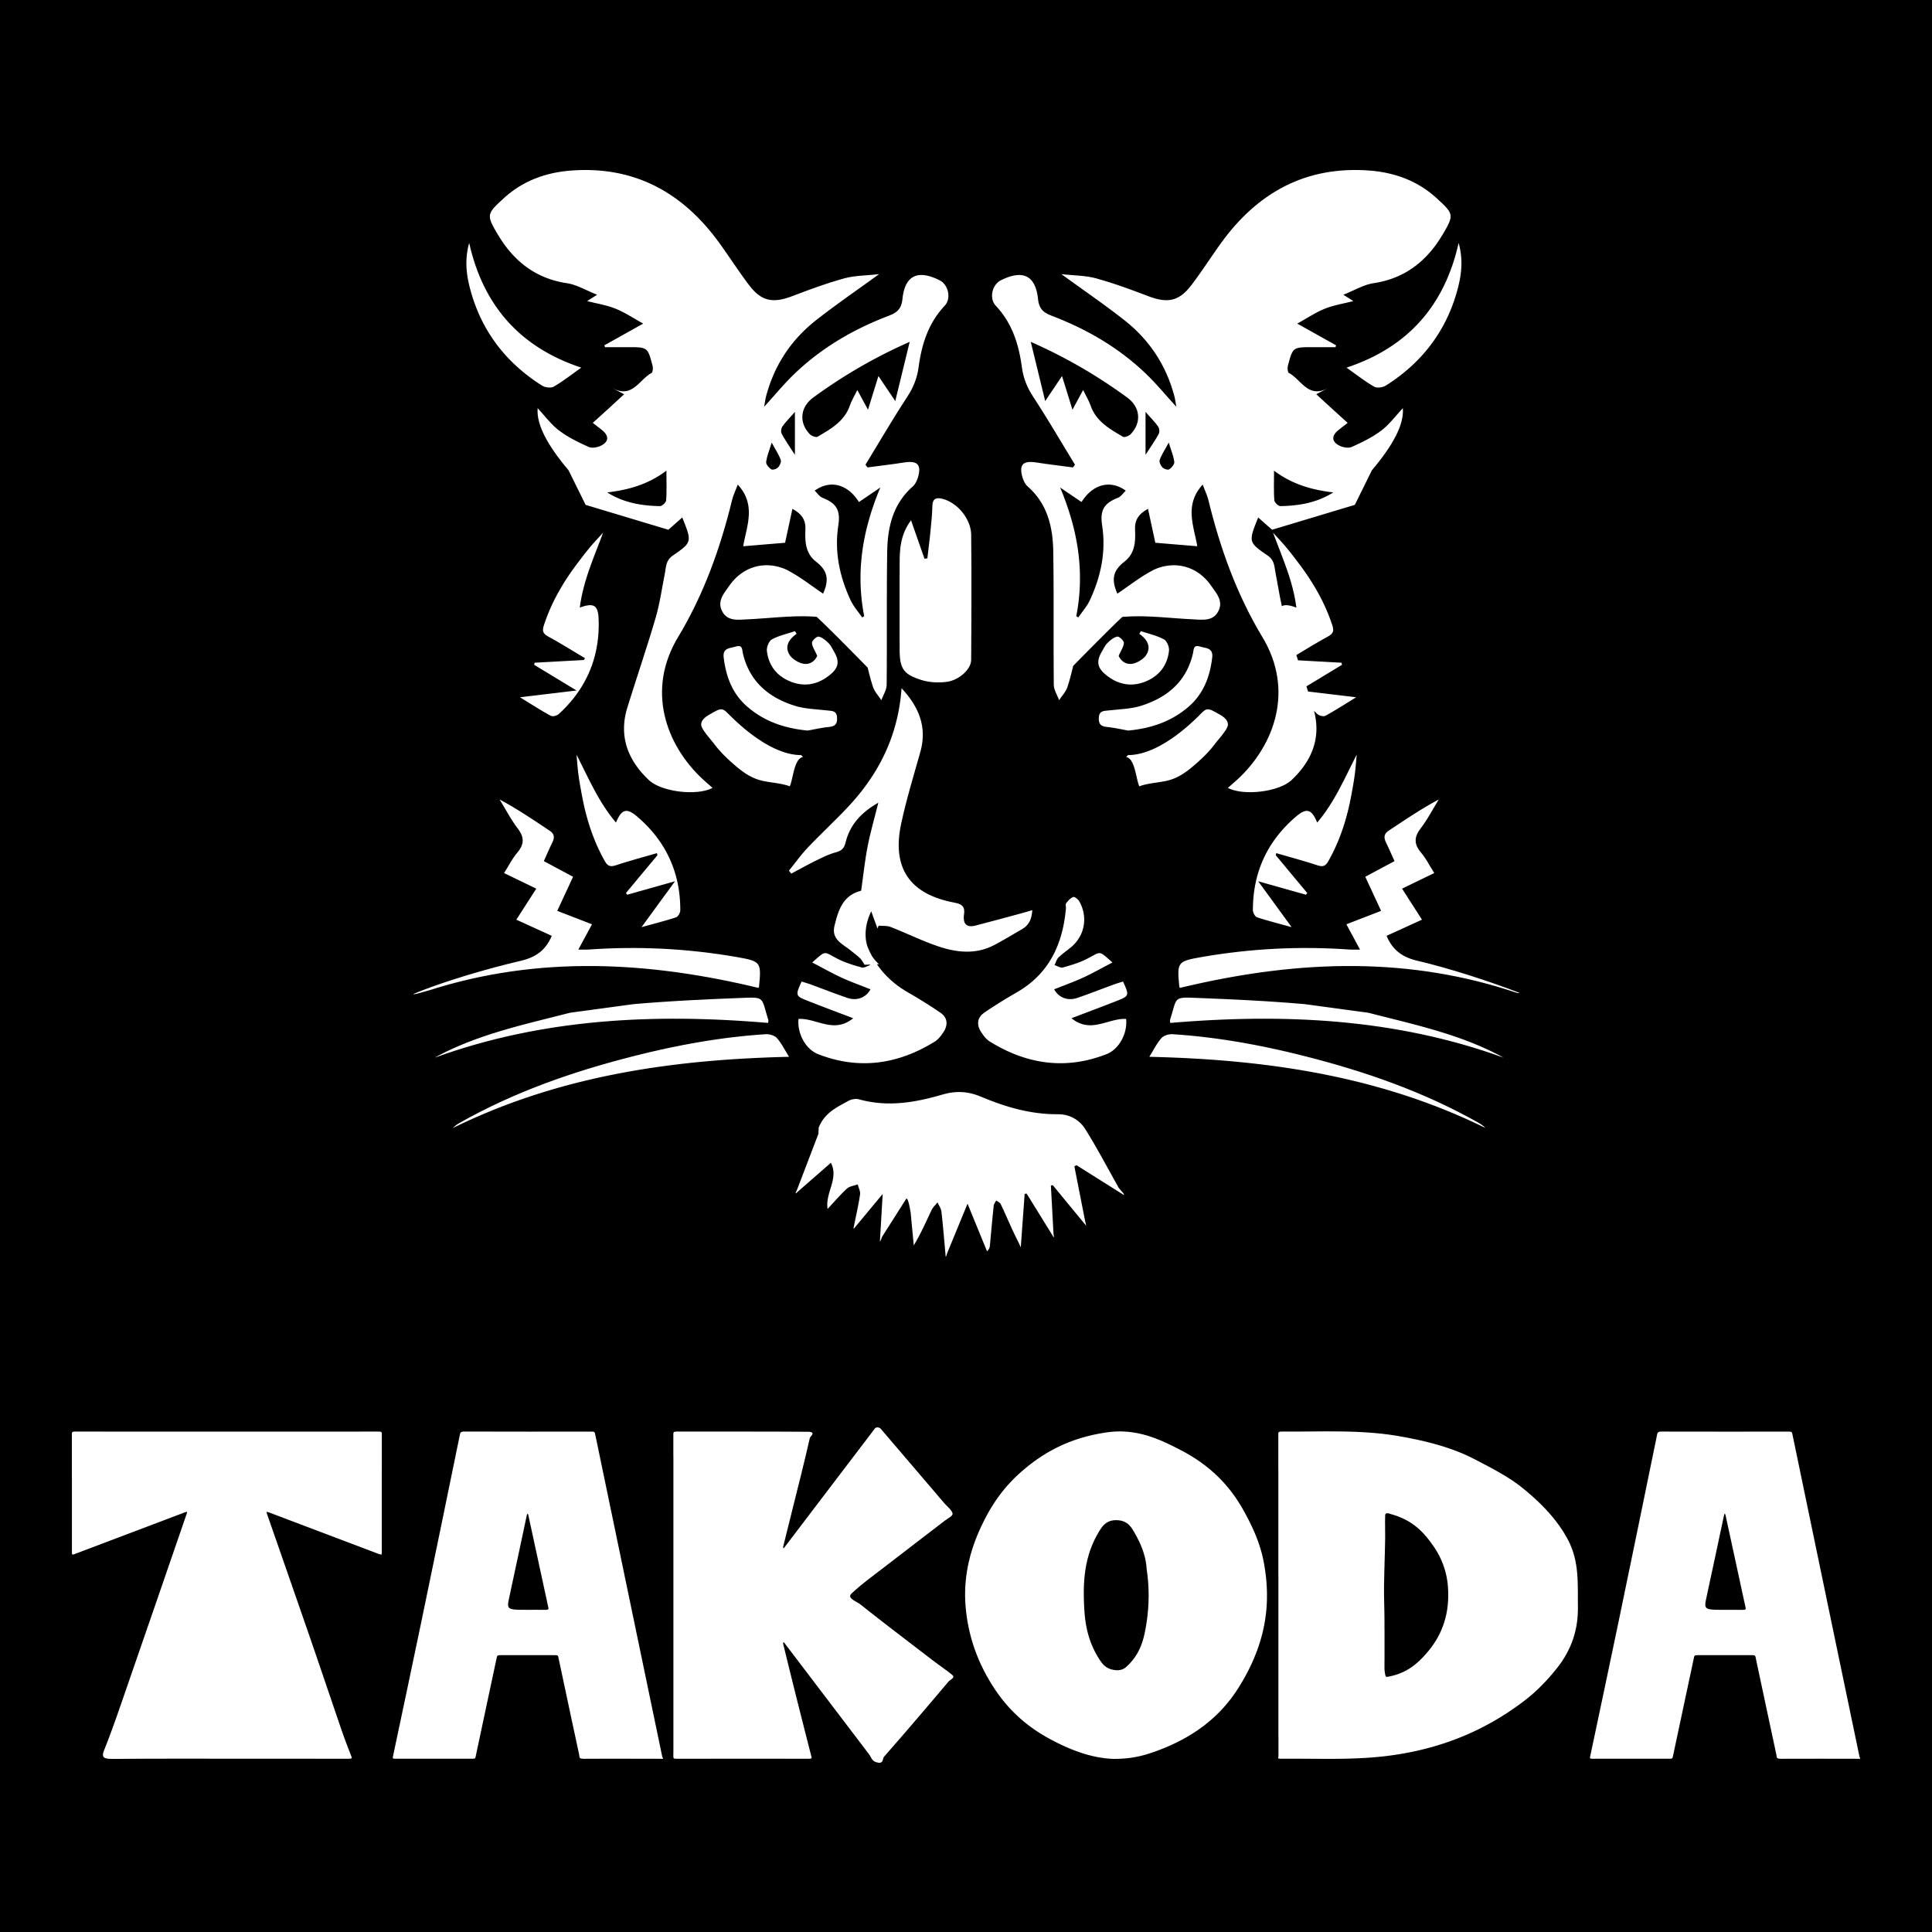 www.Takoda.Shop-takodatiger-jpg